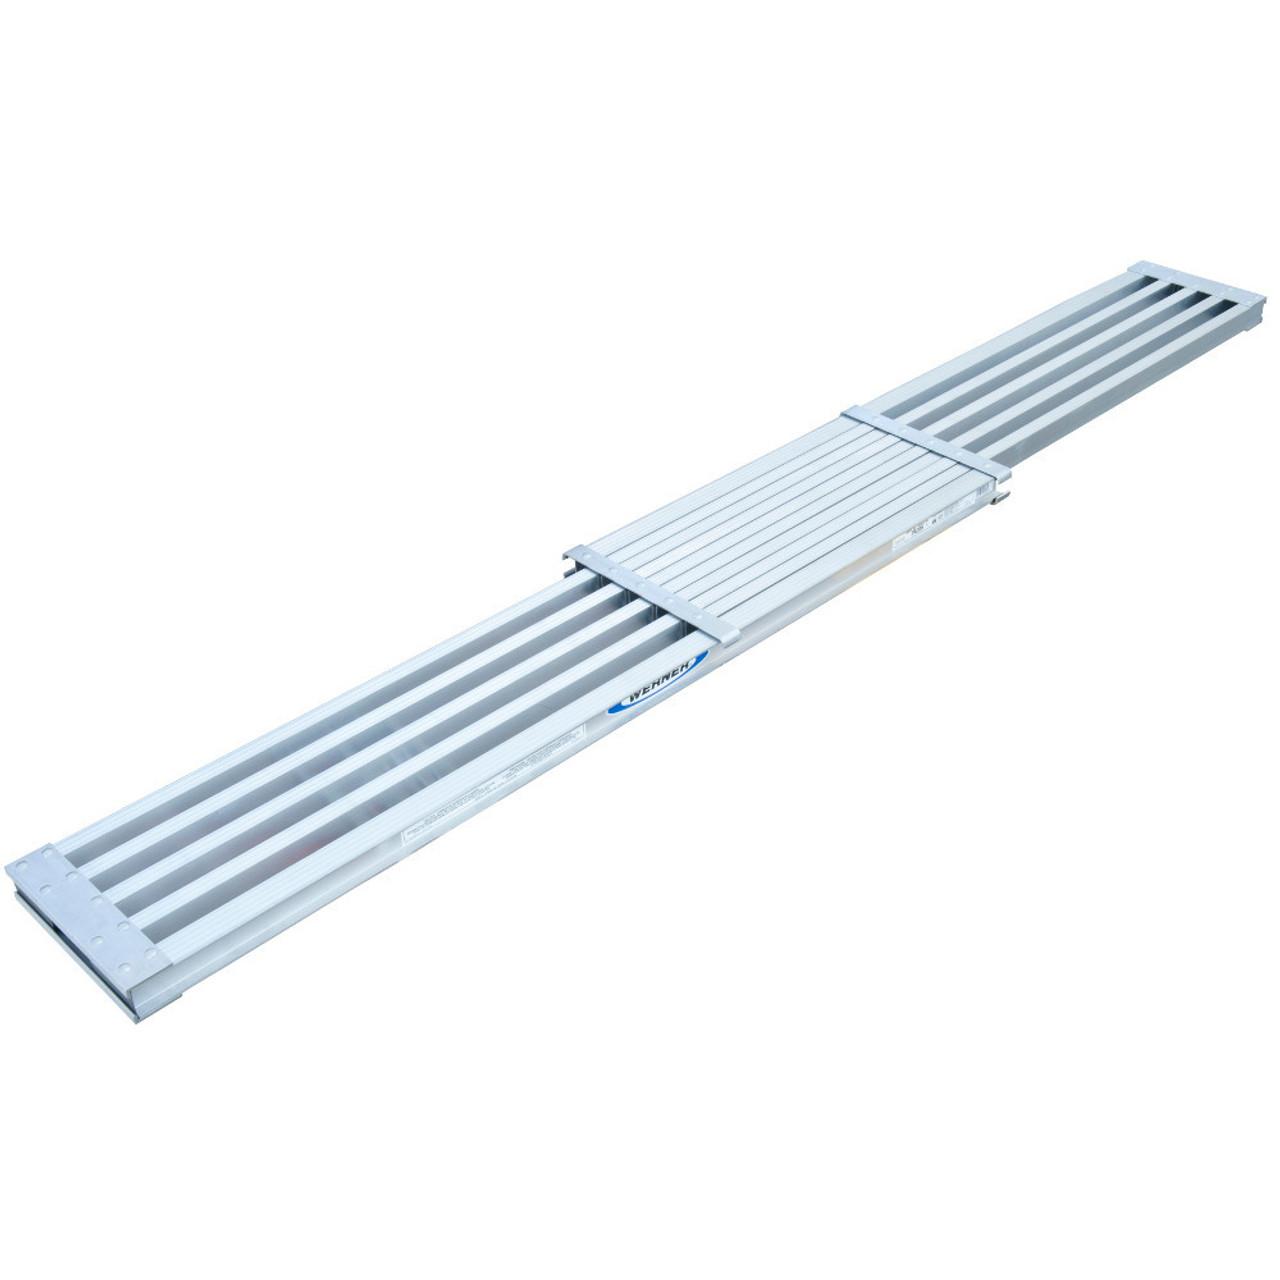 Aluminum Extension Planks